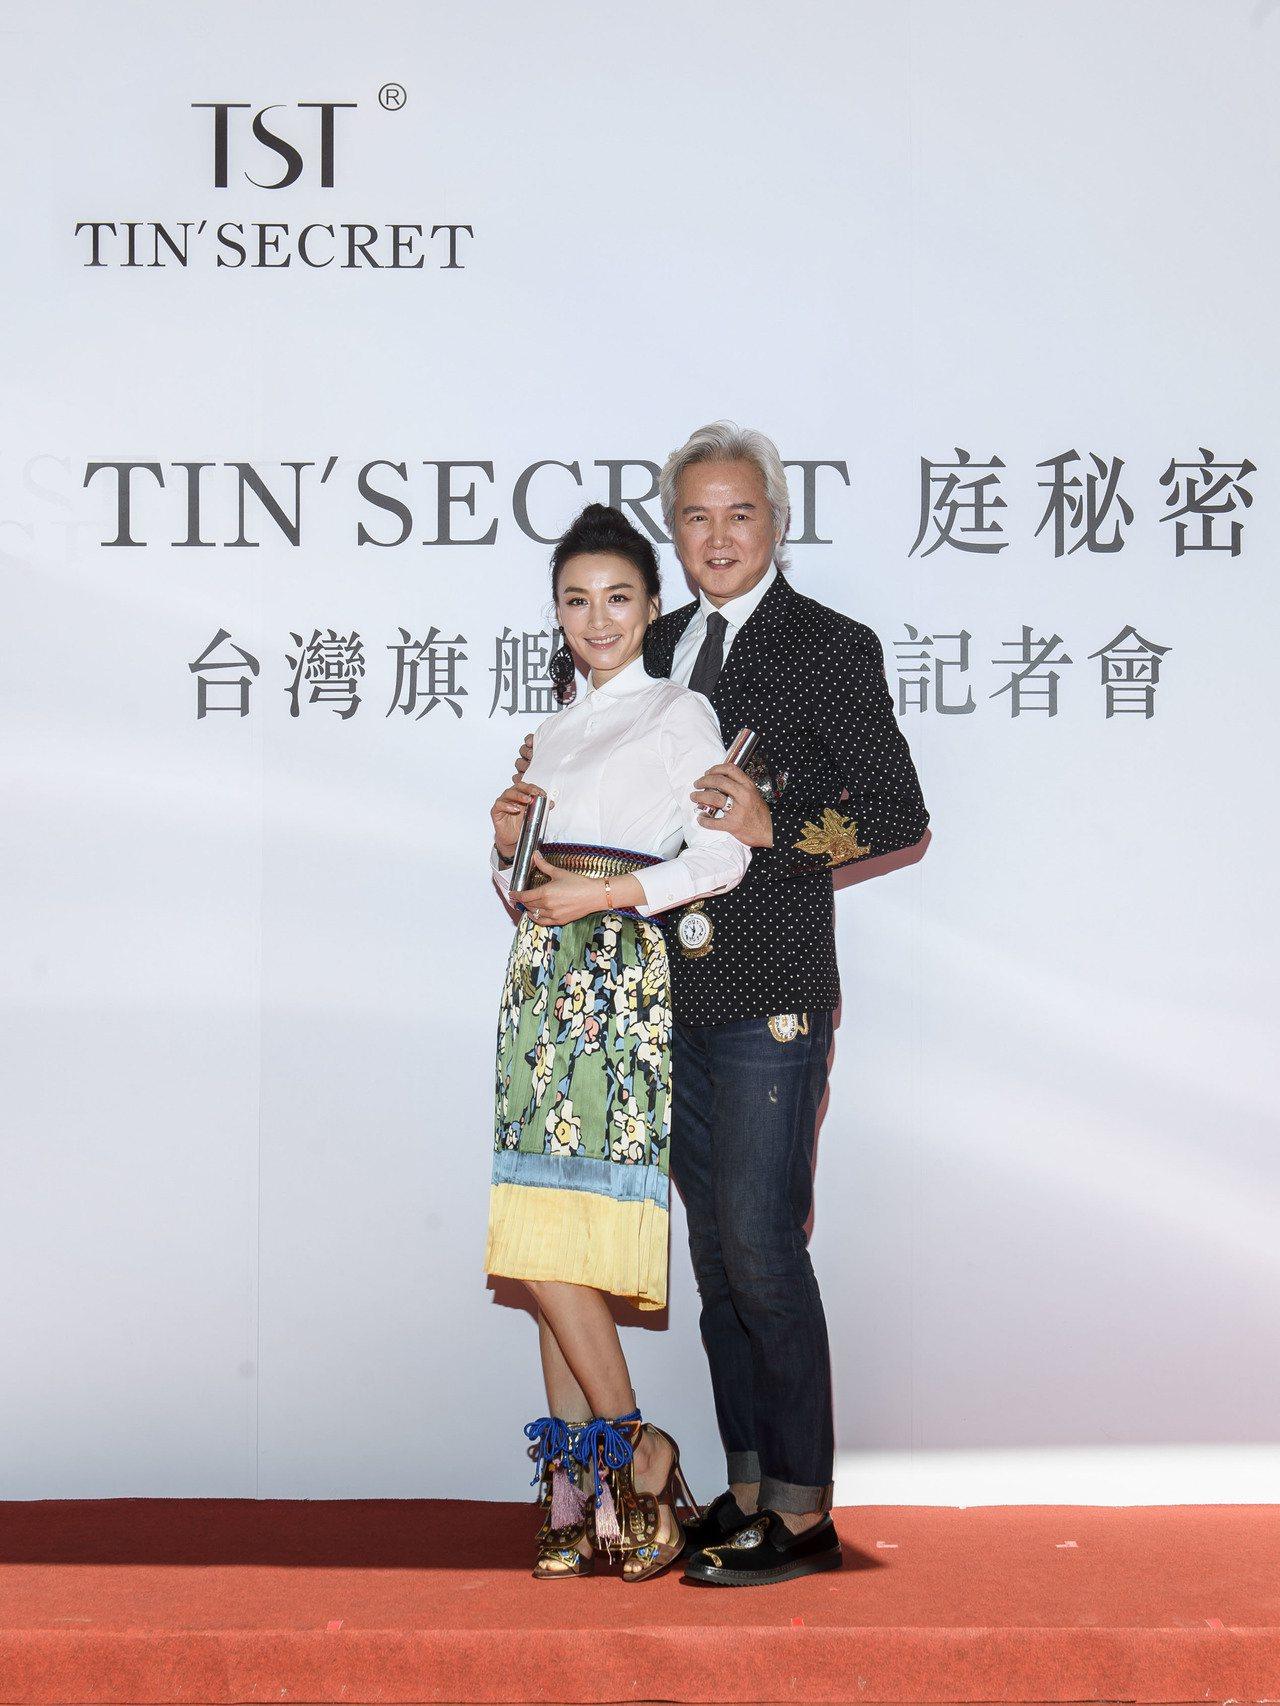 藝人林瑞陽、張庭夫妻檔創立的保養品牌「Tin'Secret庭秘密」保養品從全球紅...